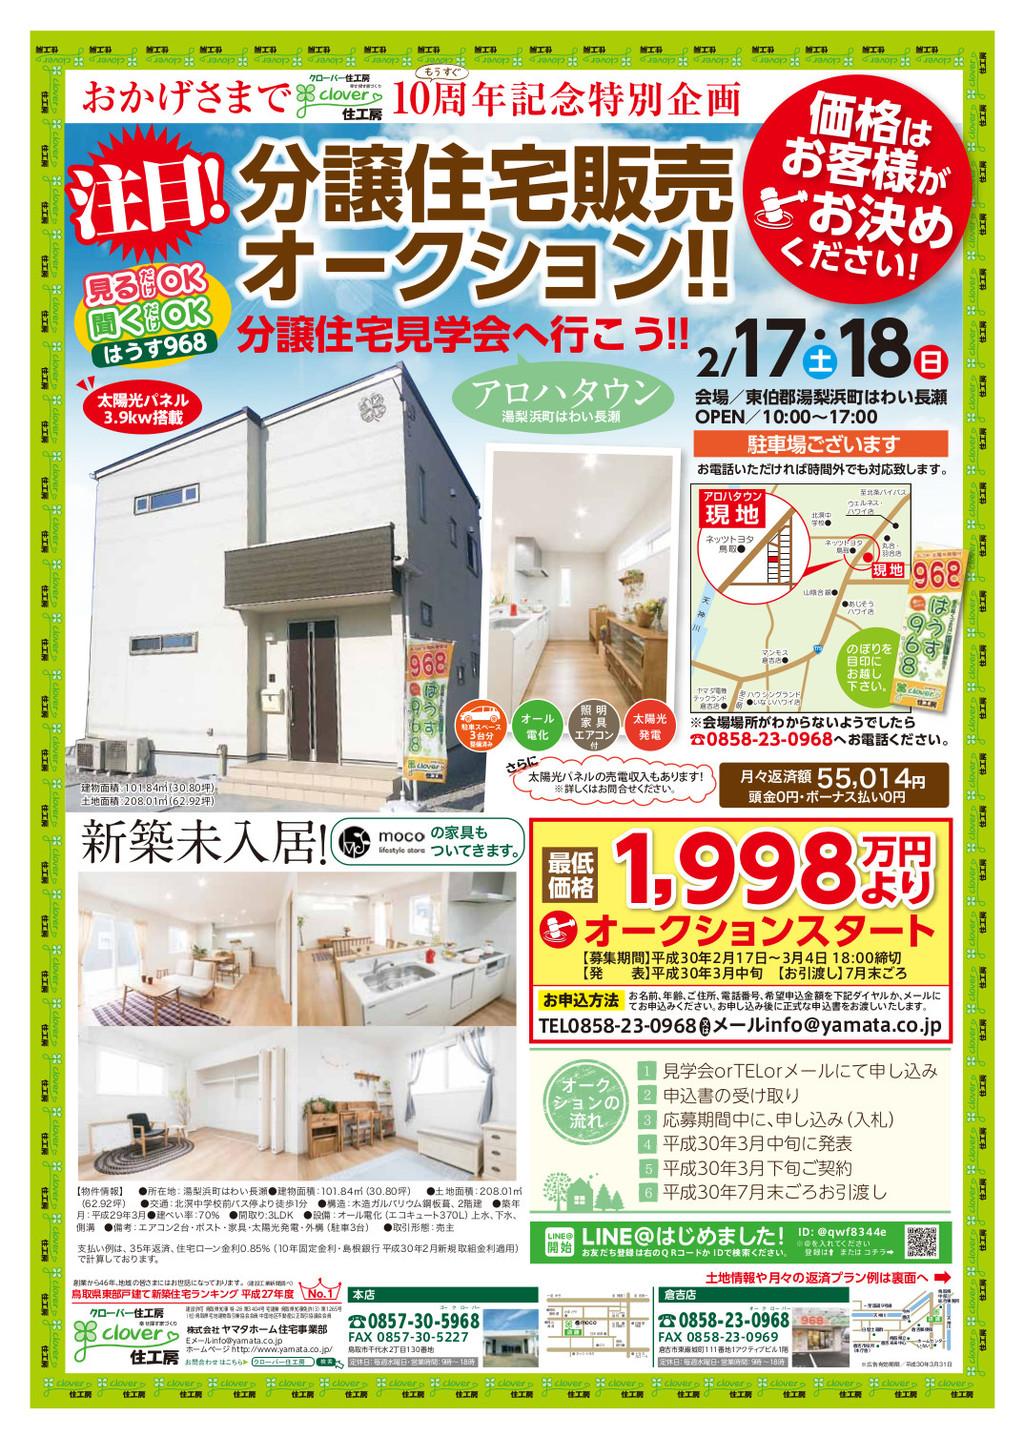 分譲住宅販売オークション!!